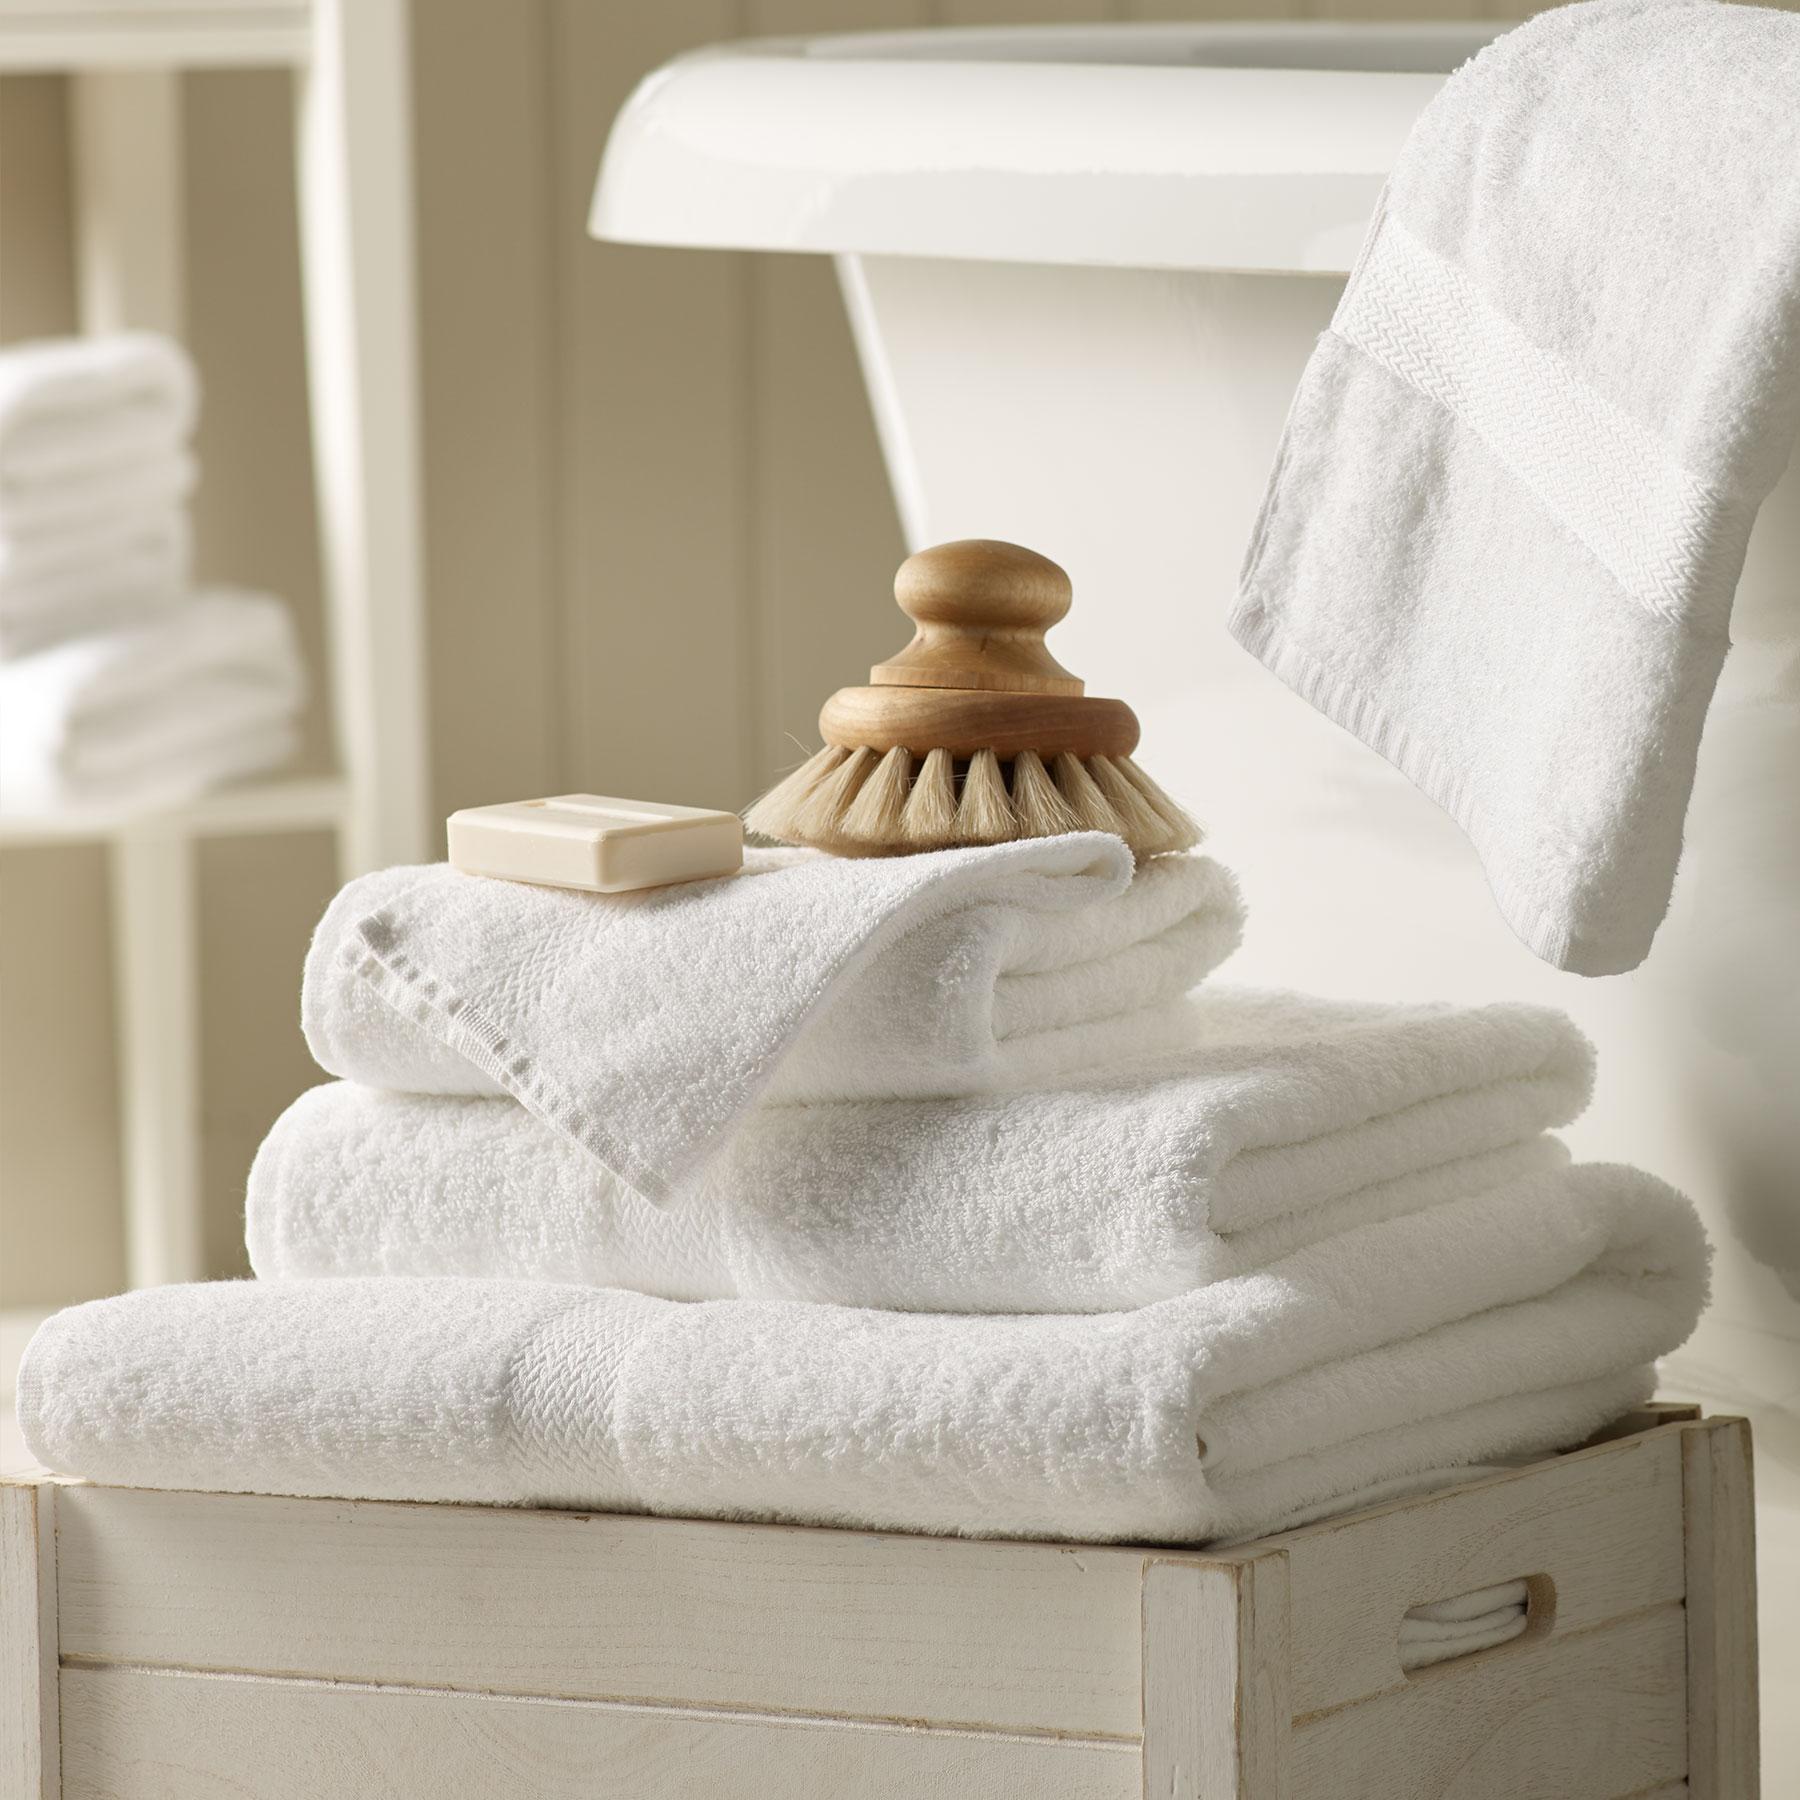 View Bath Linen Collection Details